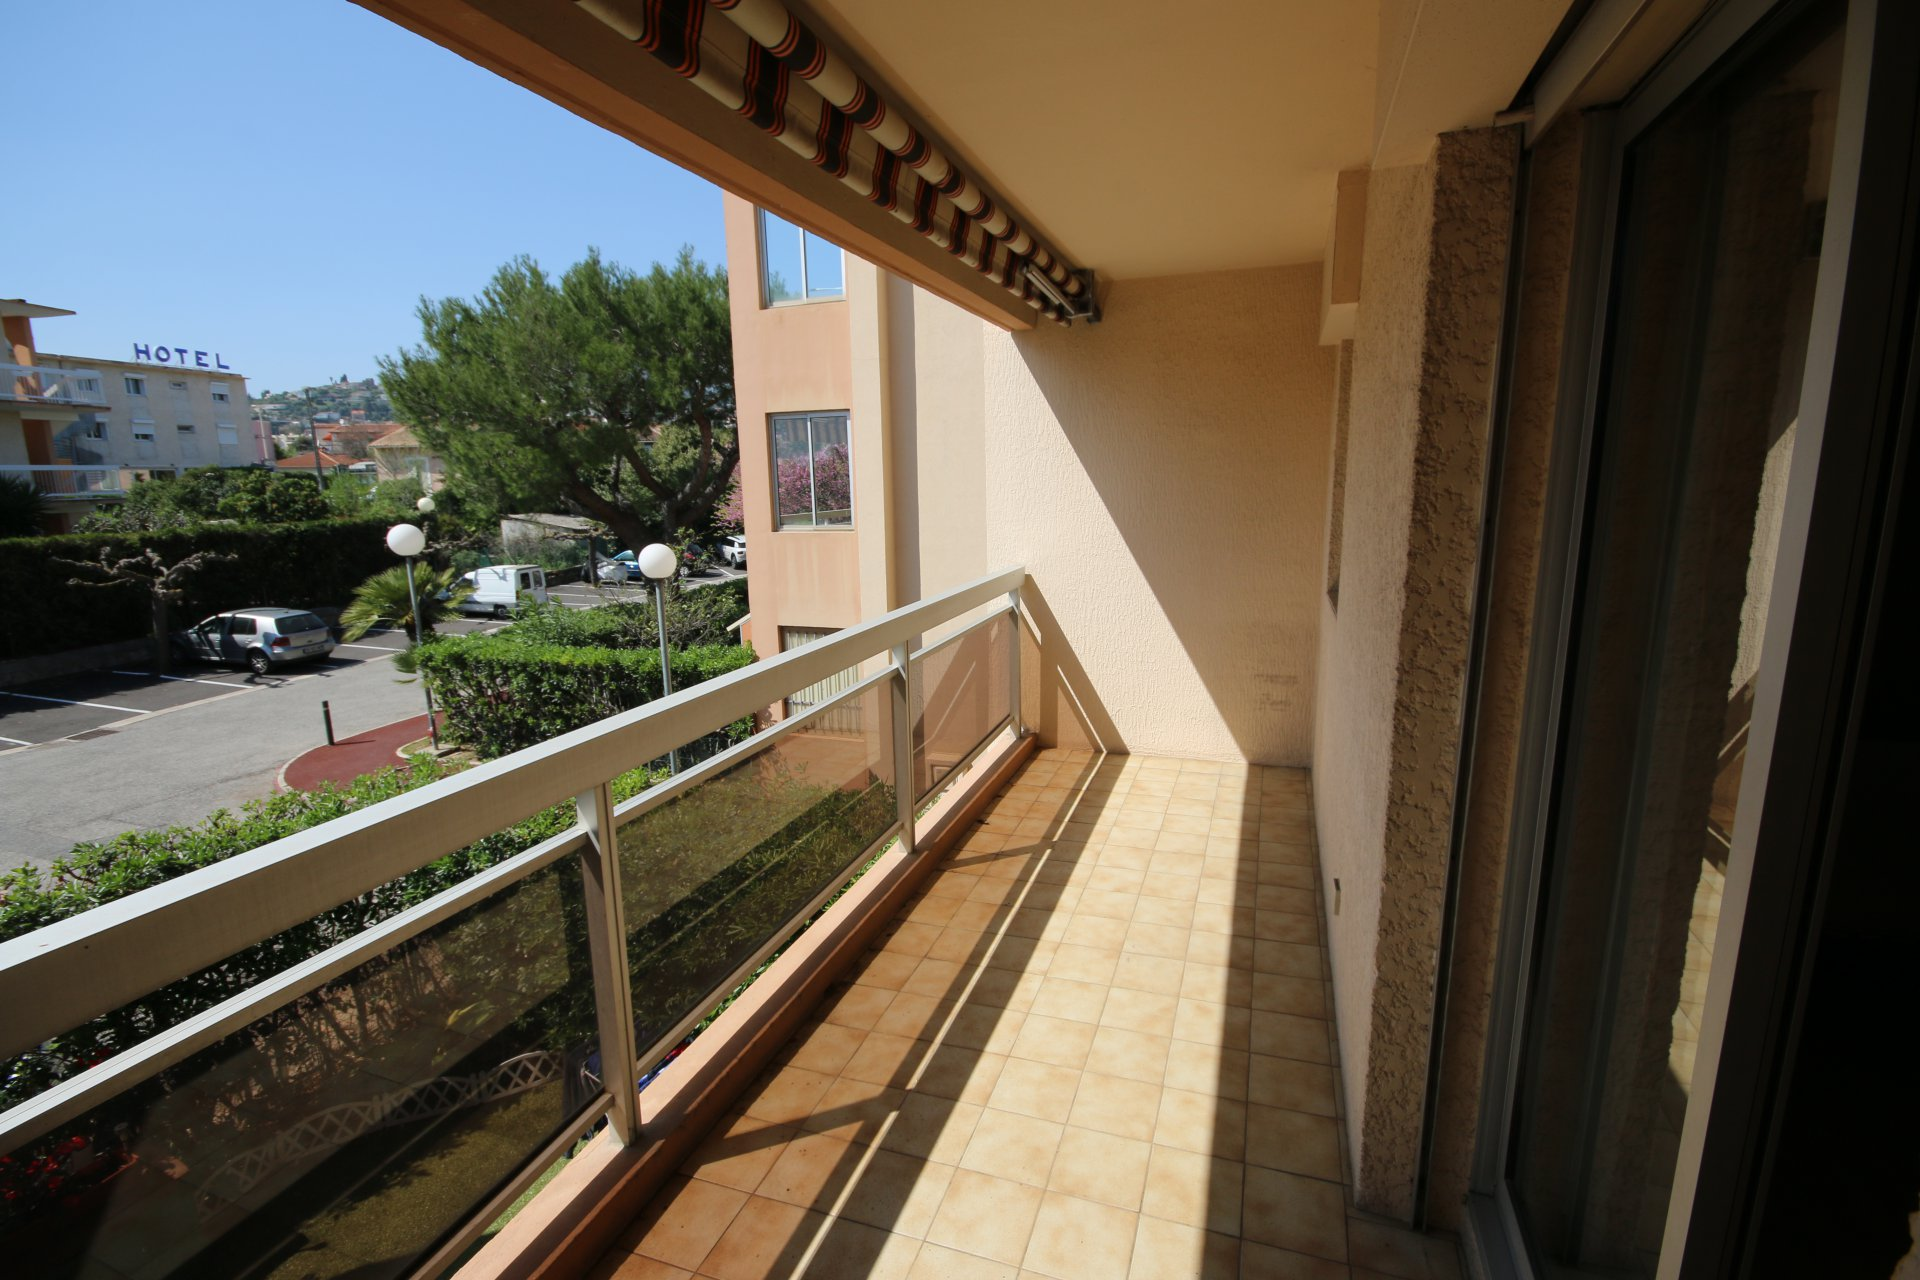 Vendu : Agréable 2 pièces avec terrasse et parking, proximité mer